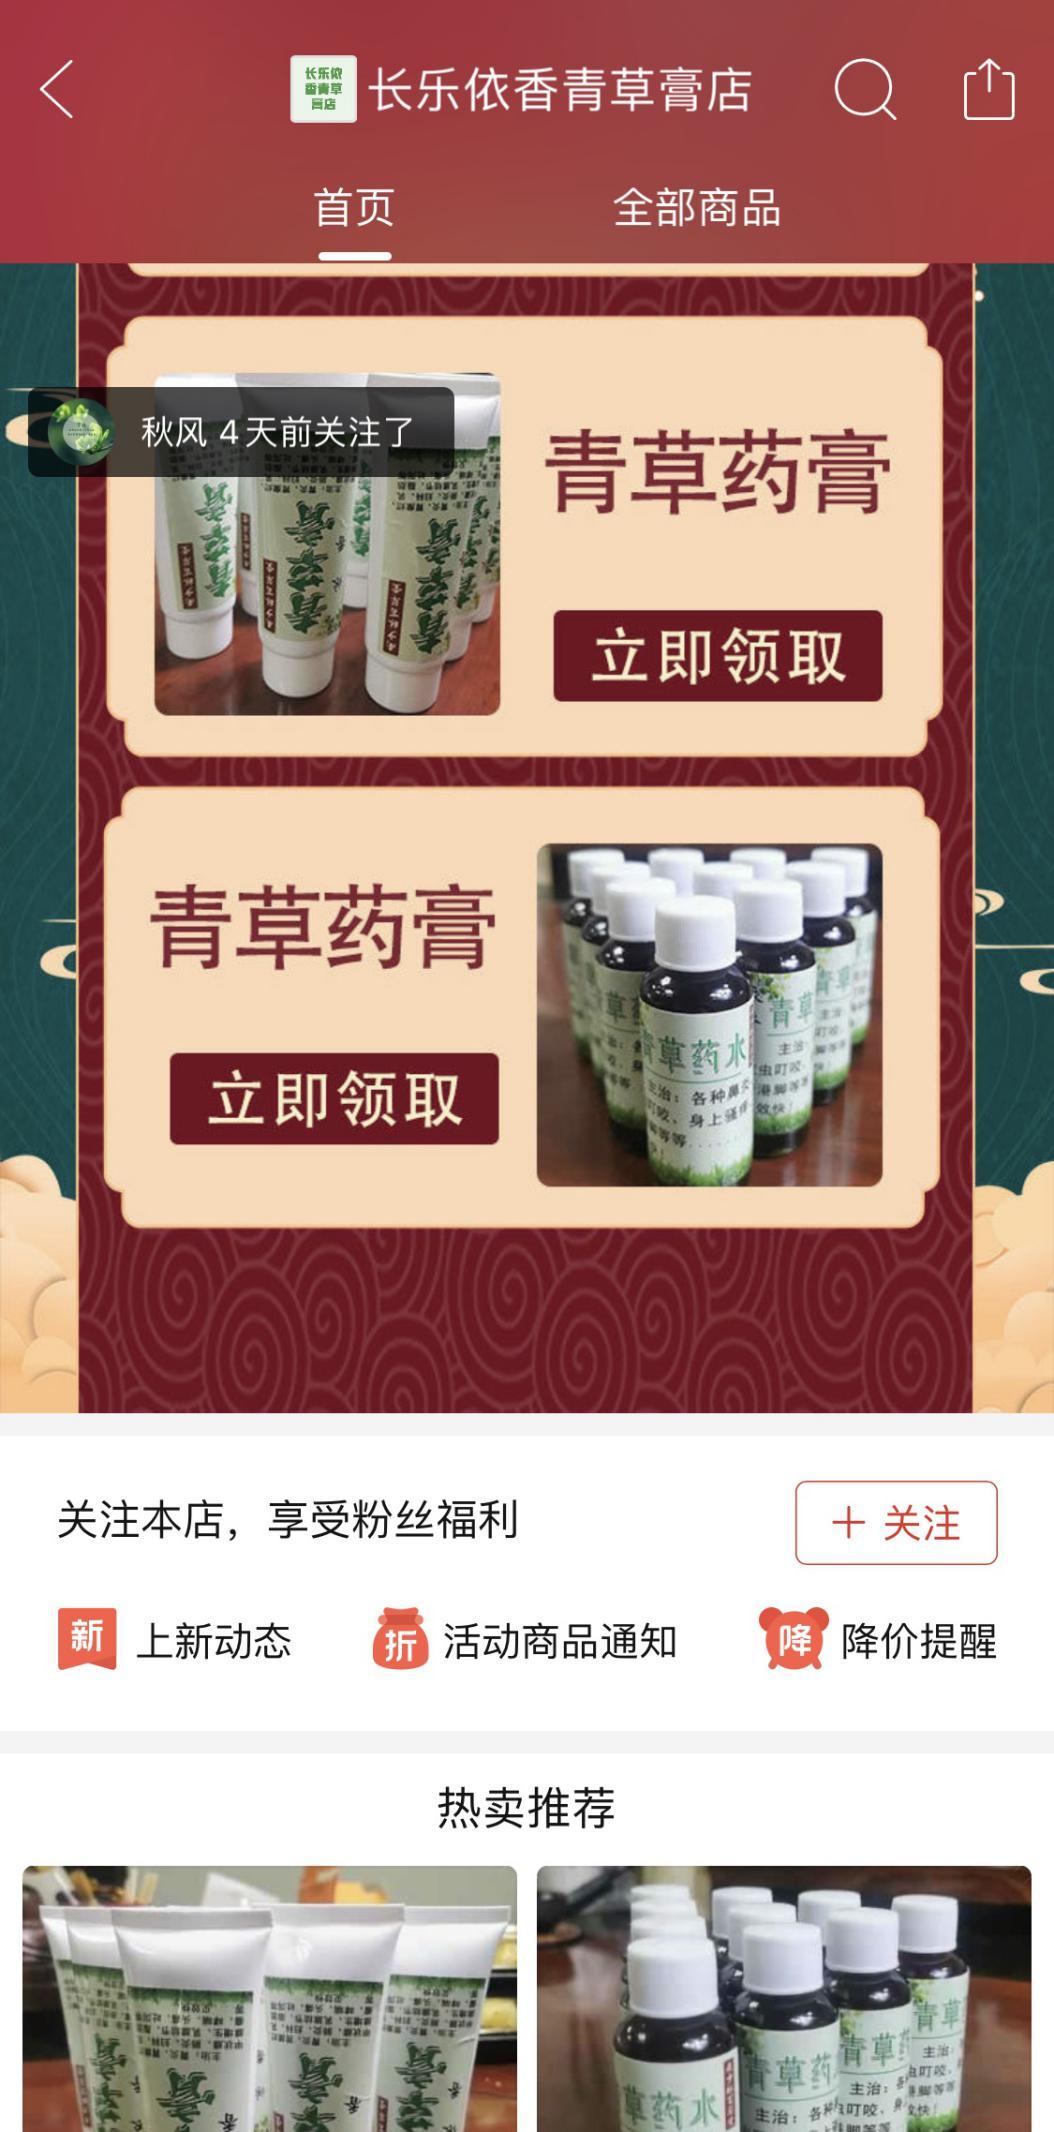 长乐依香青草膏店整合行业招商运营资源的专业平台